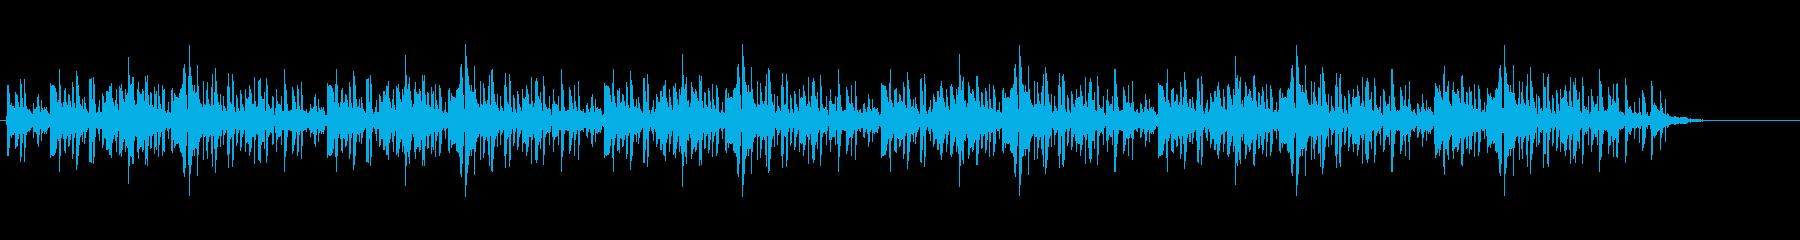 エレクトロニカ/コミカル/甘い妄想/1分の再生済みの波形